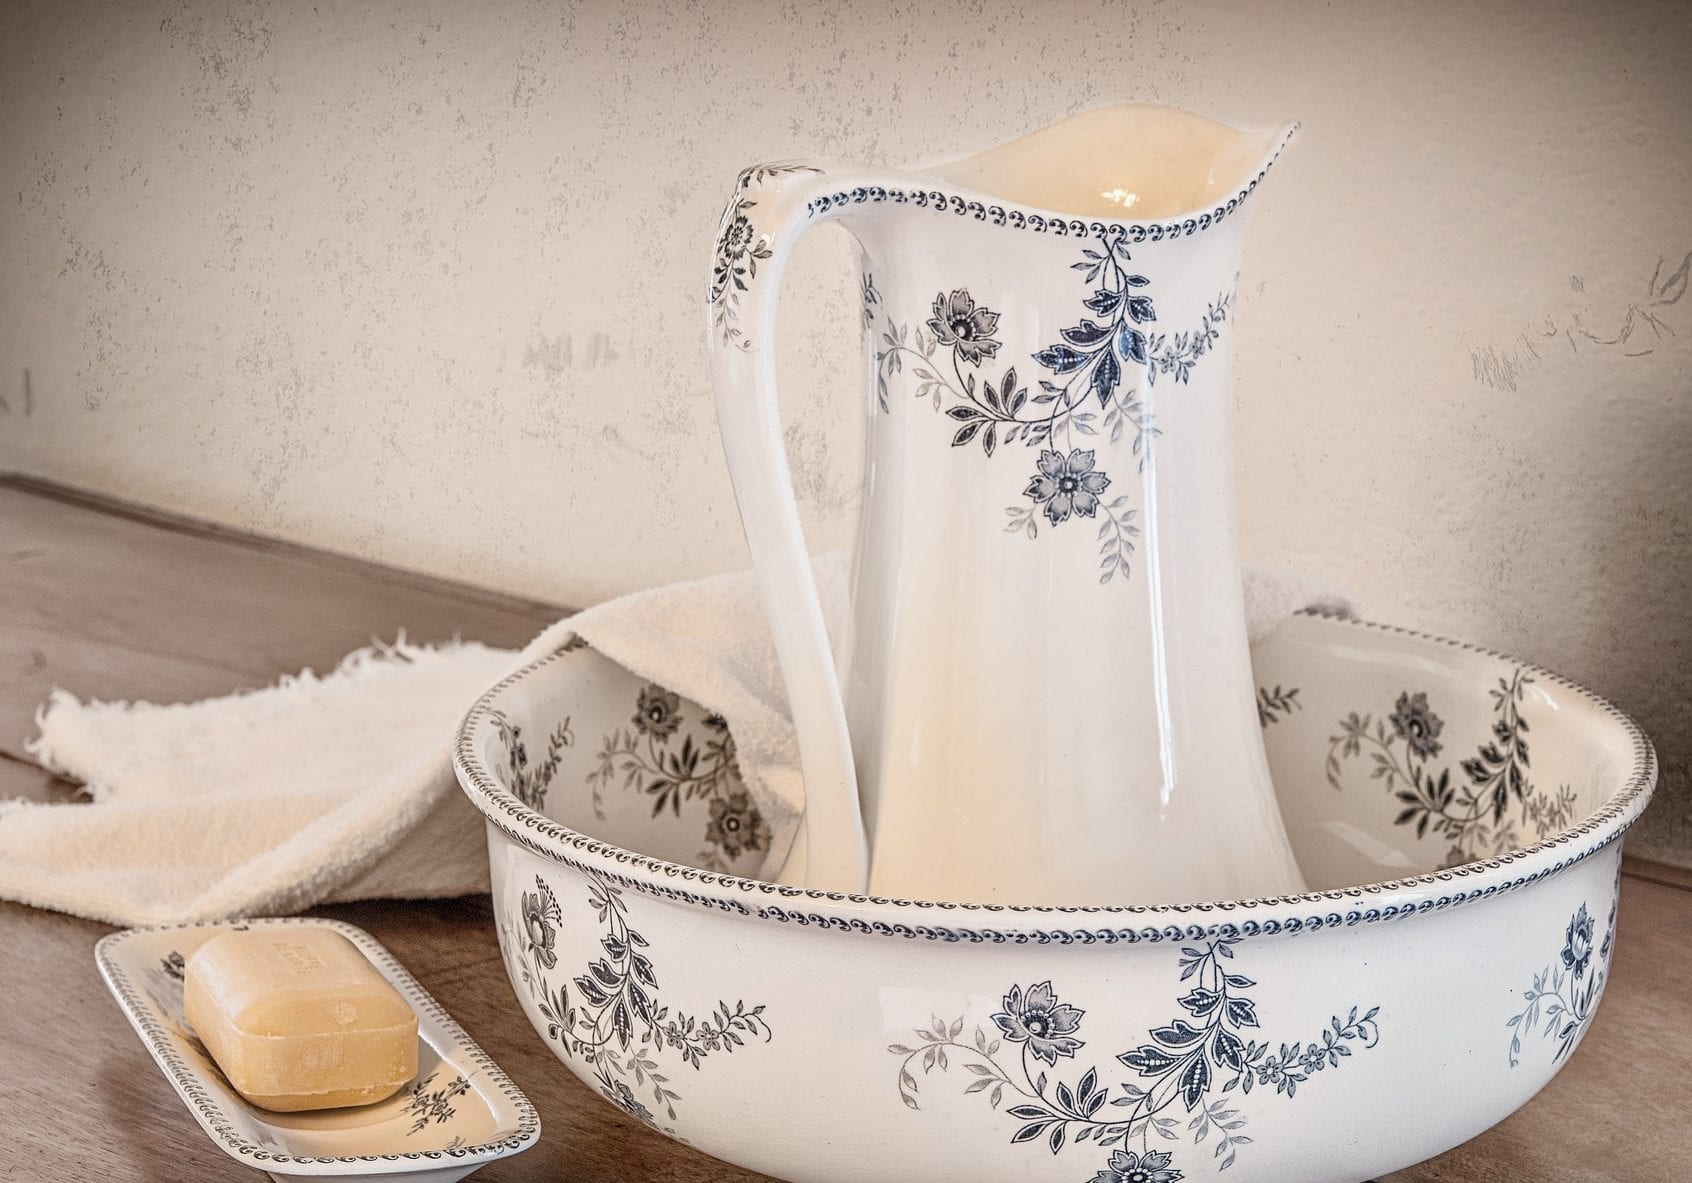 badezimmer dekorieren mit rustikaler dekoration aus keramischen wohnaccessoires